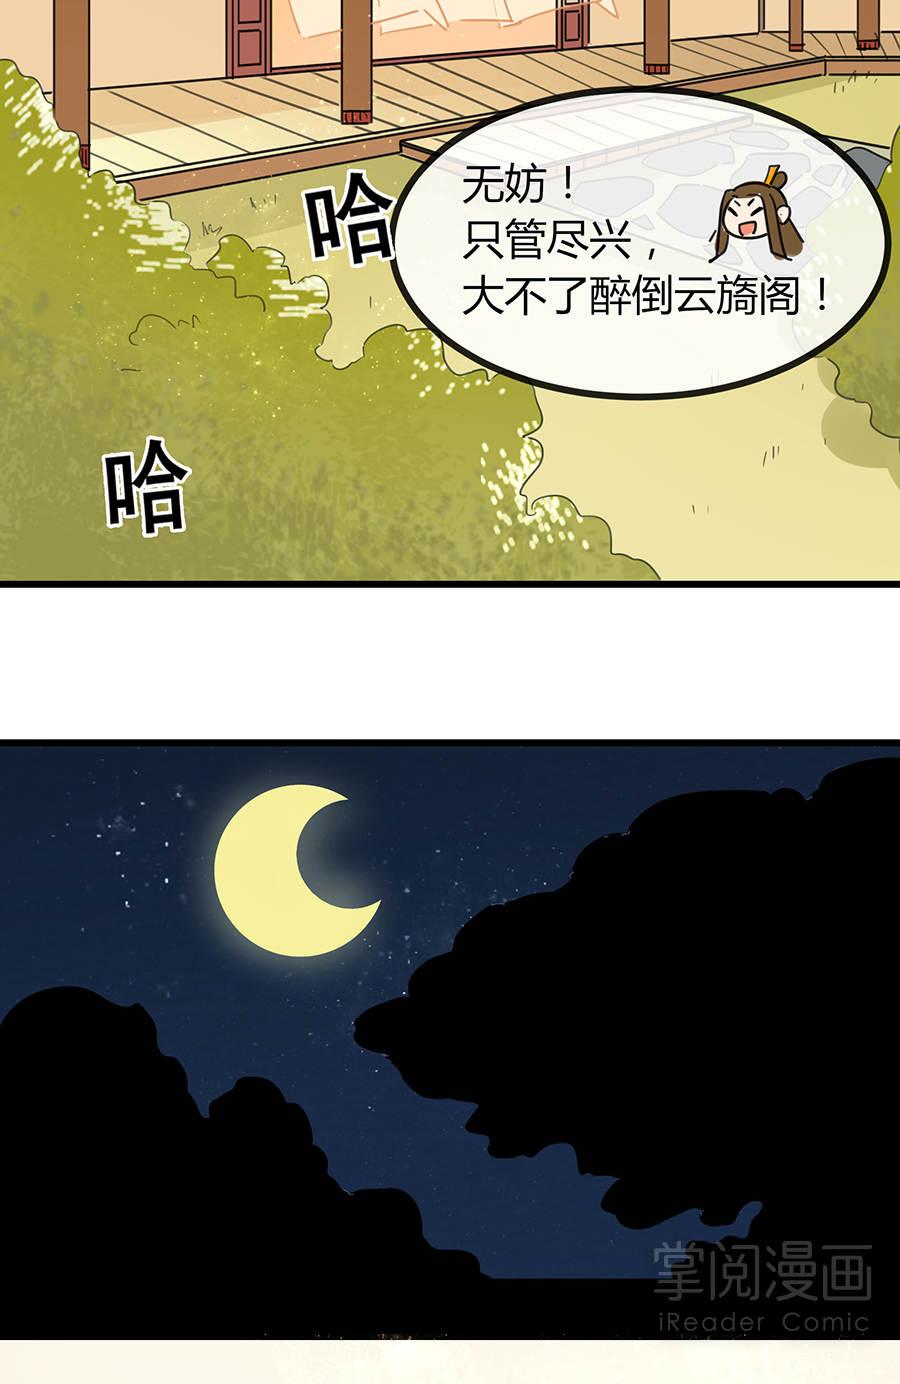 晚唐烟华第3话  浅云侍客 第 24